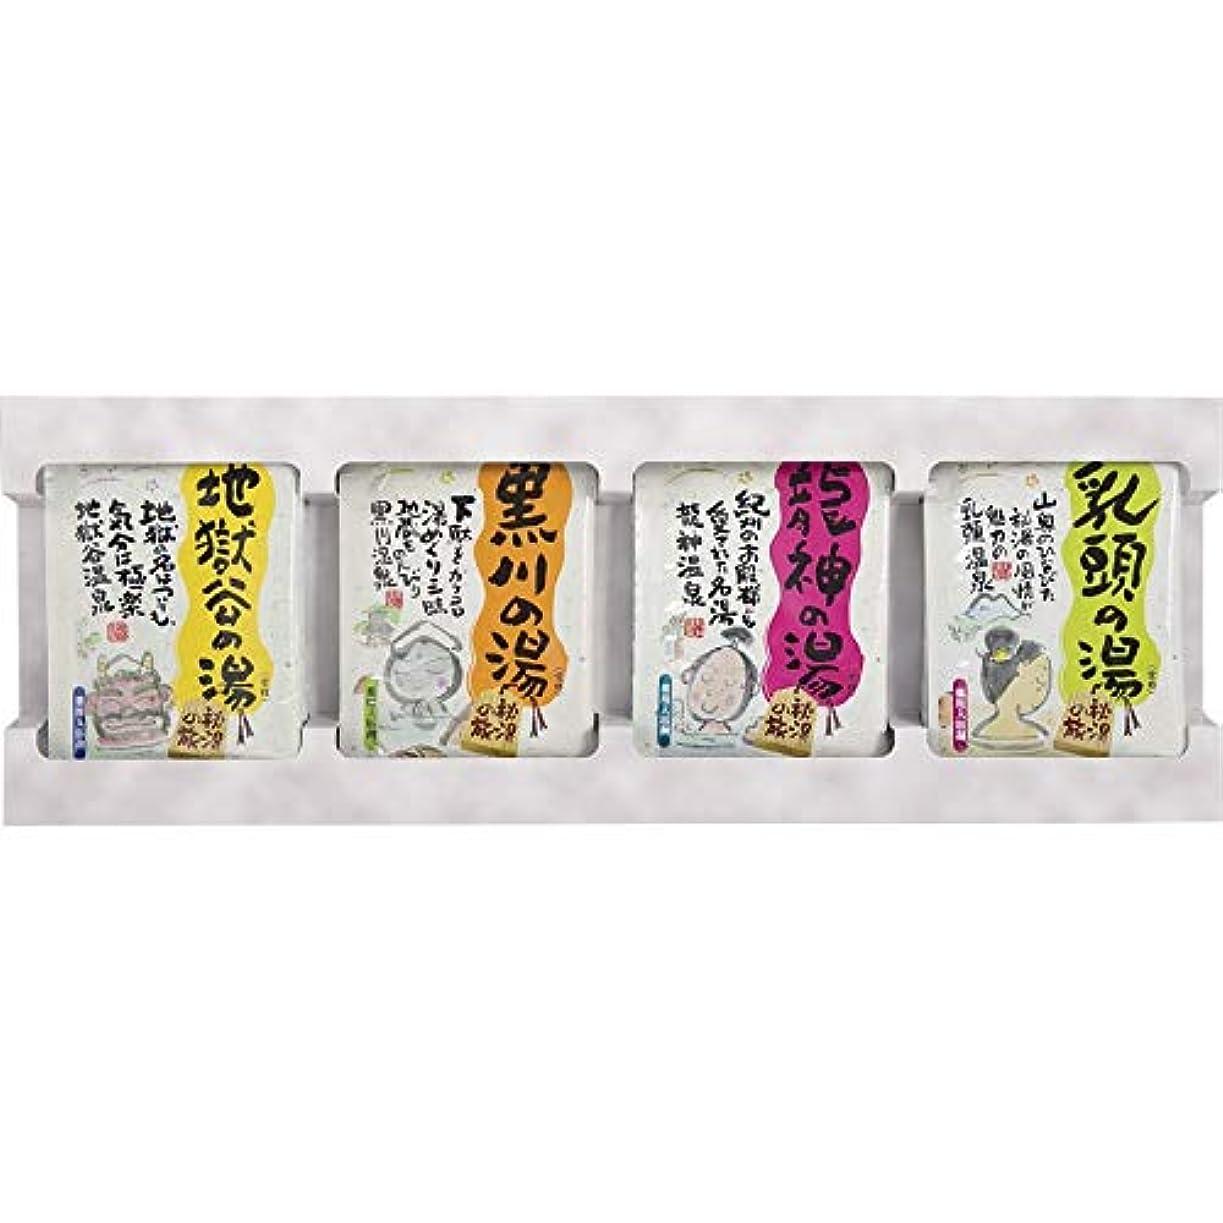 署名実質的にジェム薬用入浴剤秘湯の旅10P PH-10P 【やくようにゅうよくざい ひとうのたび 日本製 国産 せっと セット 10包 】